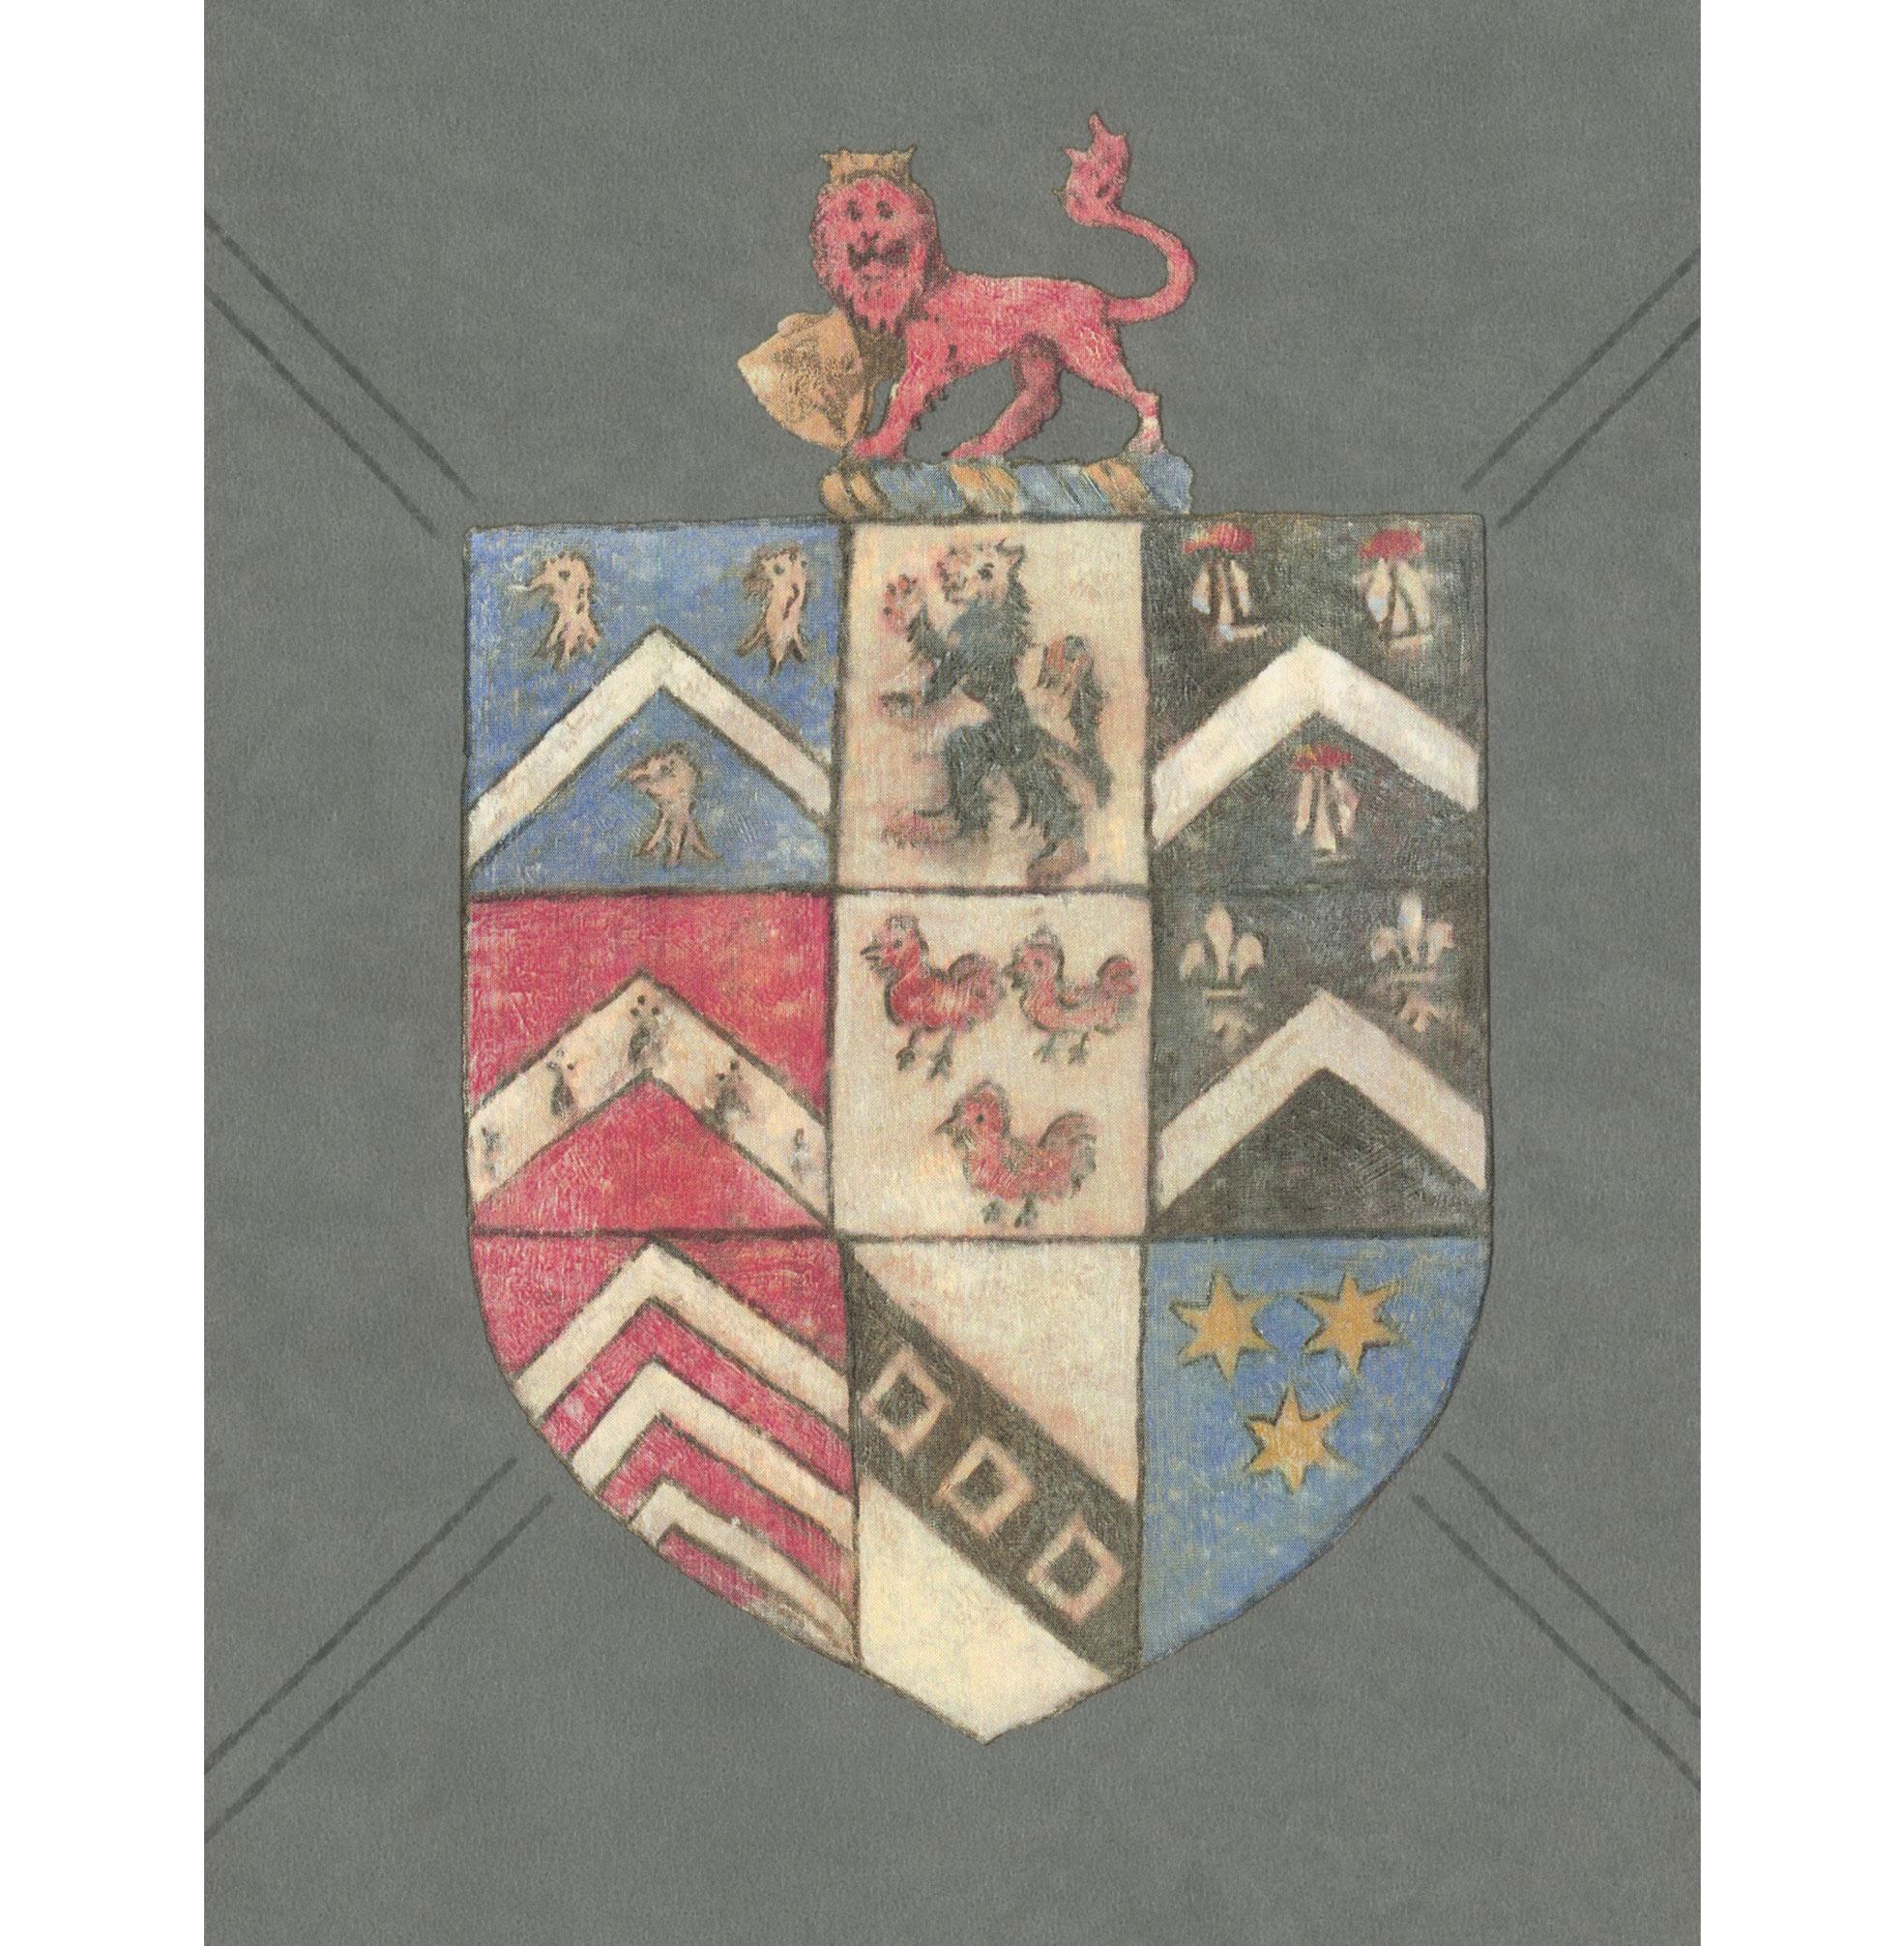 Crest Trellis British Motif Wallpaper - Charcoal - 2 Rolls